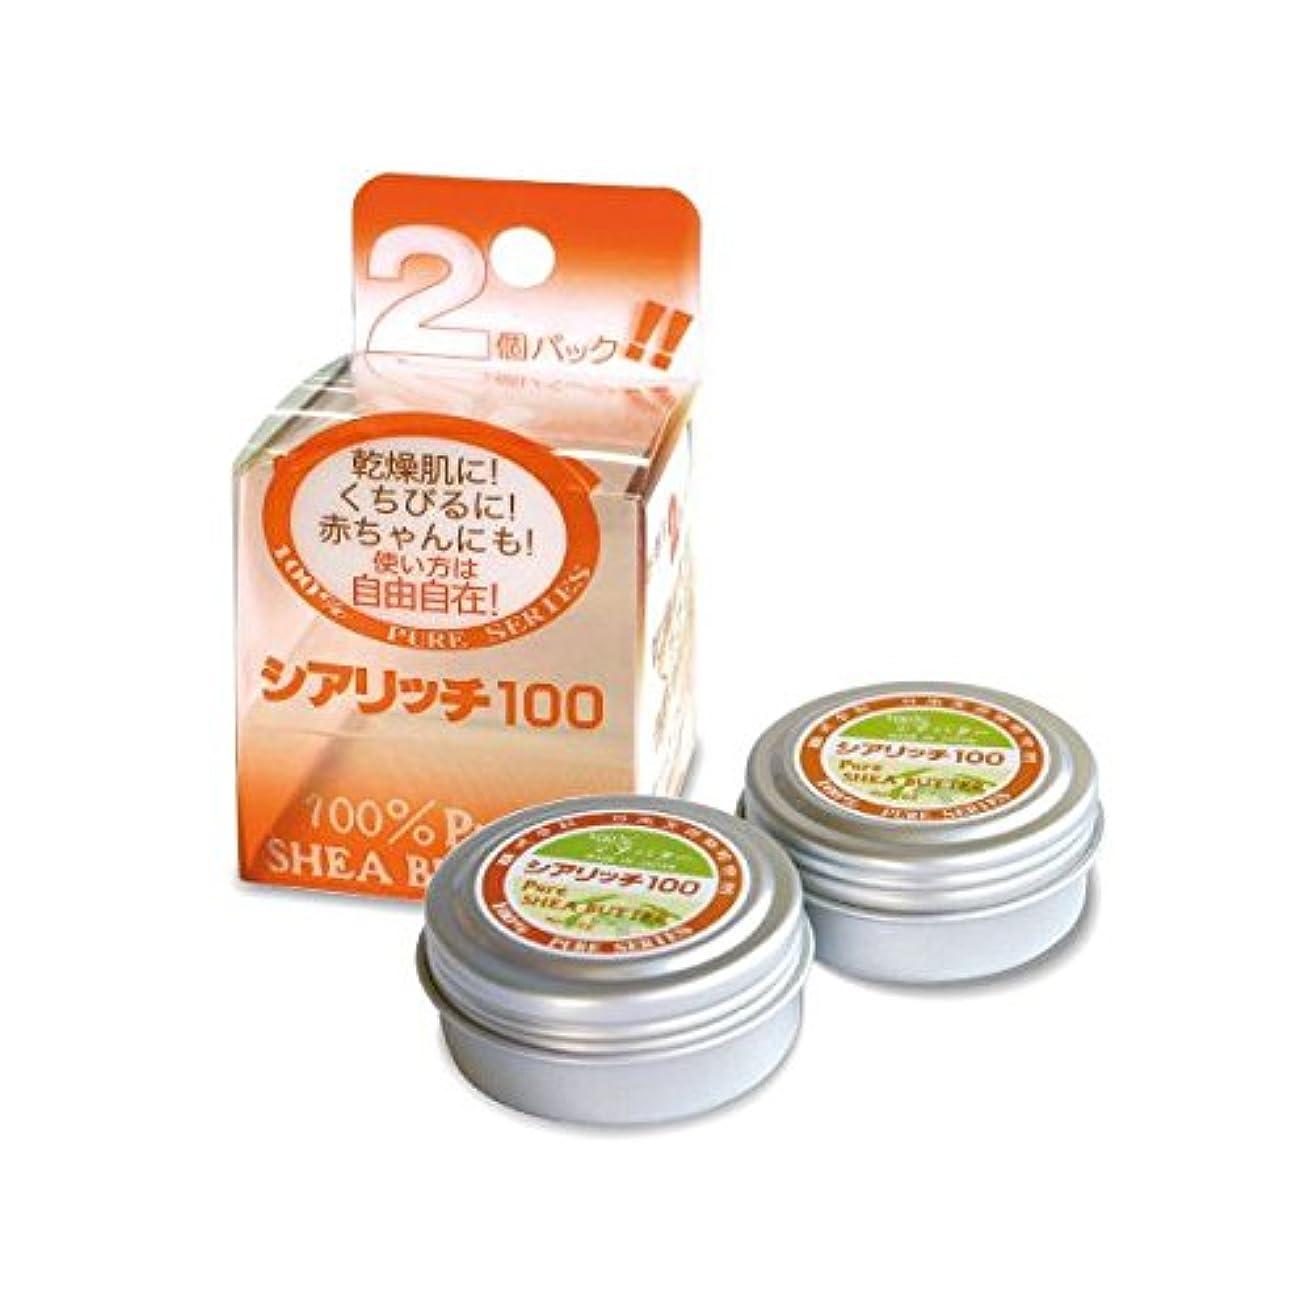 ミシン目リルオーロック日本天然物研究所 シアリッチ100 (8g×2個入り)【単品】(無添加100%シアバター)無香料